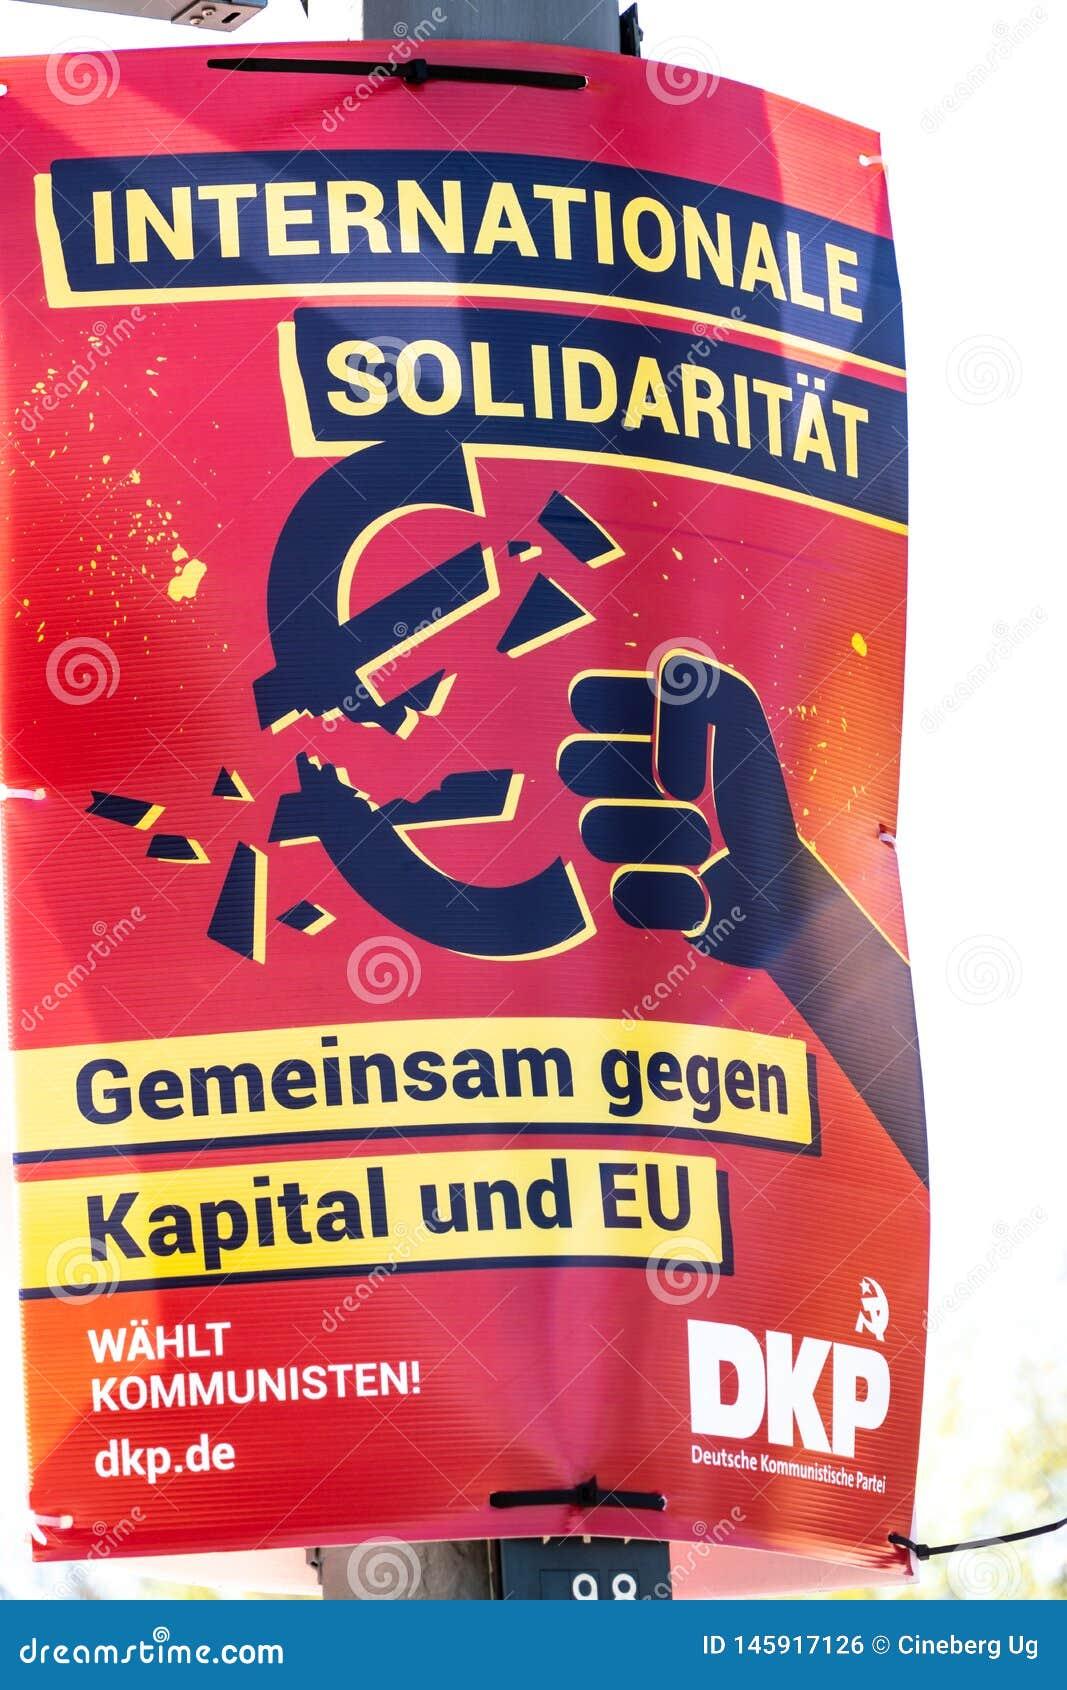 DKP political campaign poster